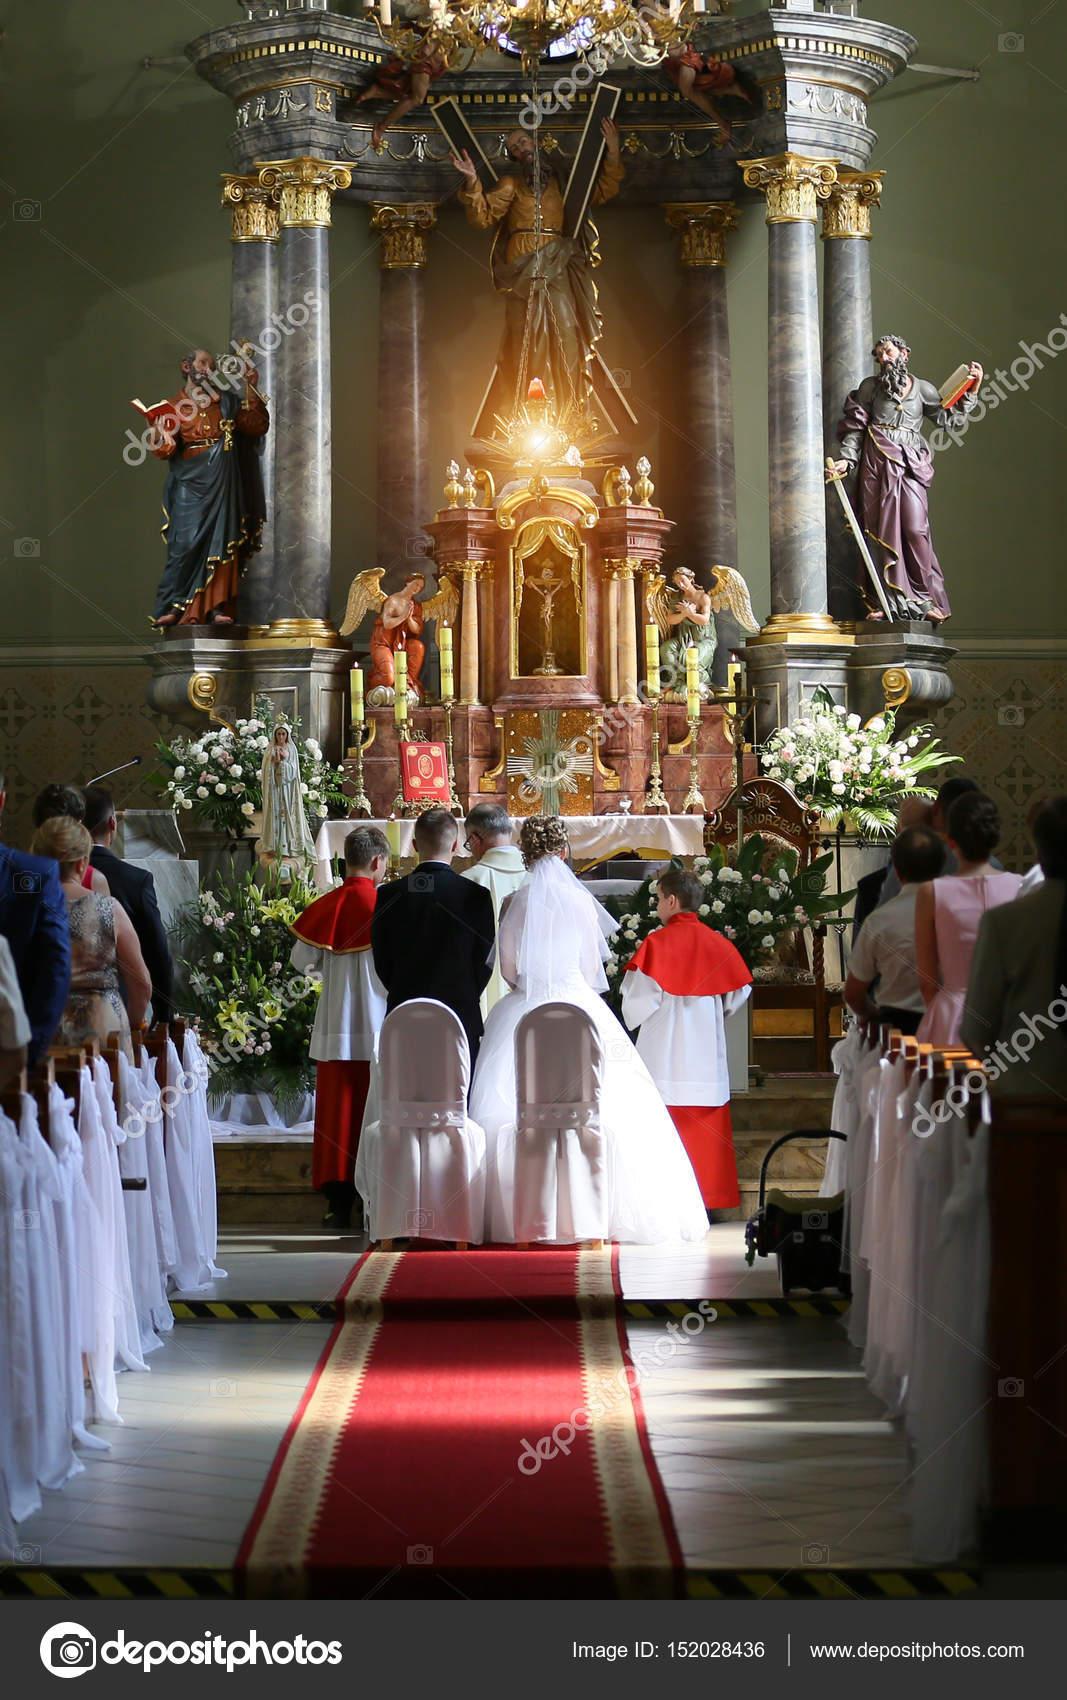 Matrimonio In Chiesa : Matrimoni a venezia organizzare un matrimonio alla scuola san